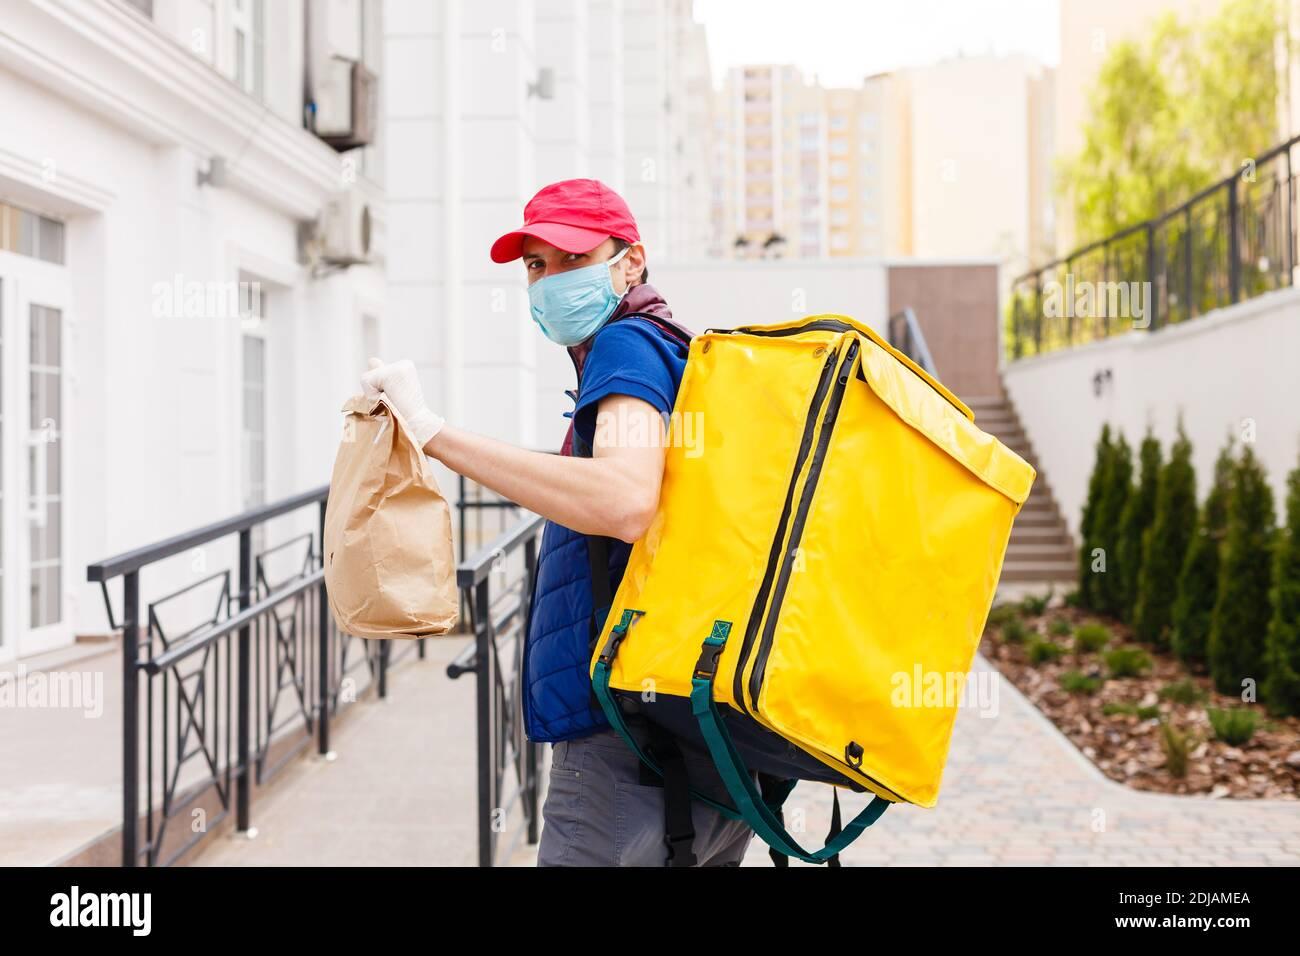 Portrait of a smiling man standing livraison avec sac à dos thermo jaune pour la livraison de nourriture dans la rue en plein air Banque D'Images